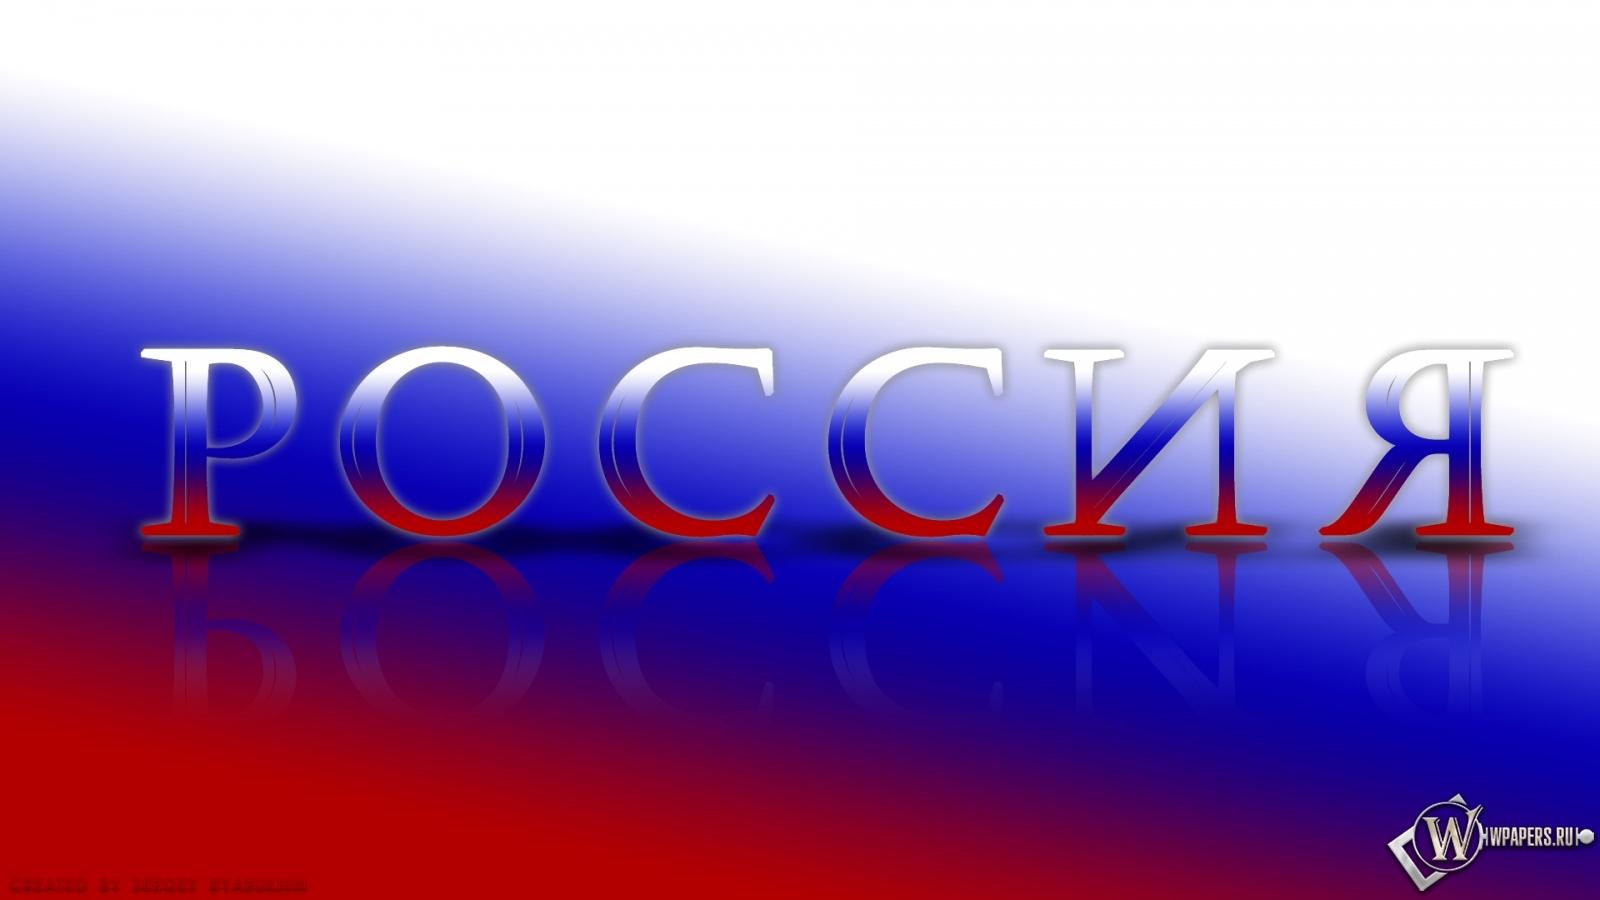 Флаг России  Википедия